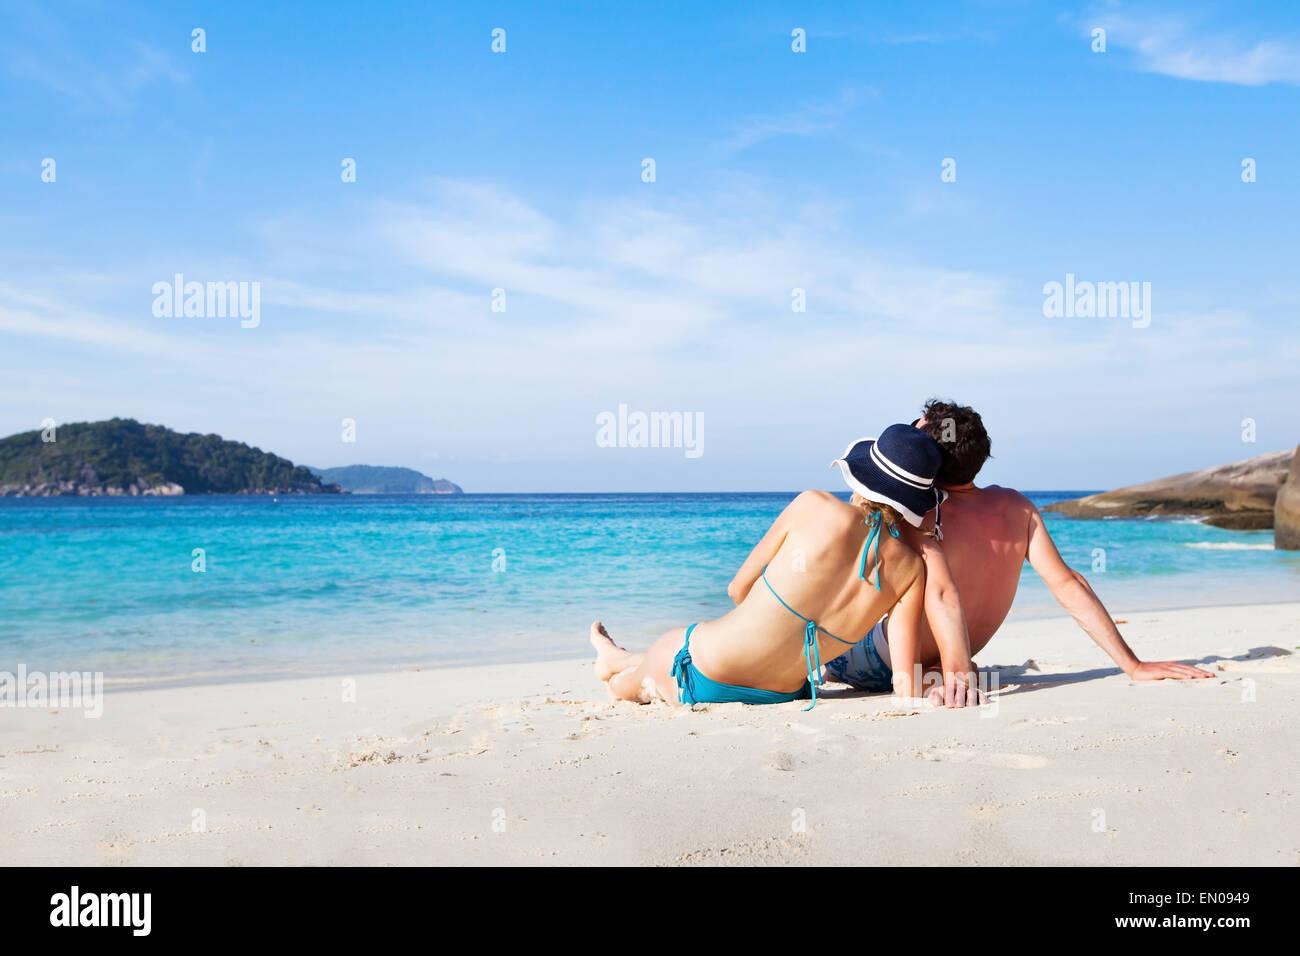 Paio di sedersi e rilassarsi sulla spiaggia paradiso durante la loro luna di miele Immagini Stock